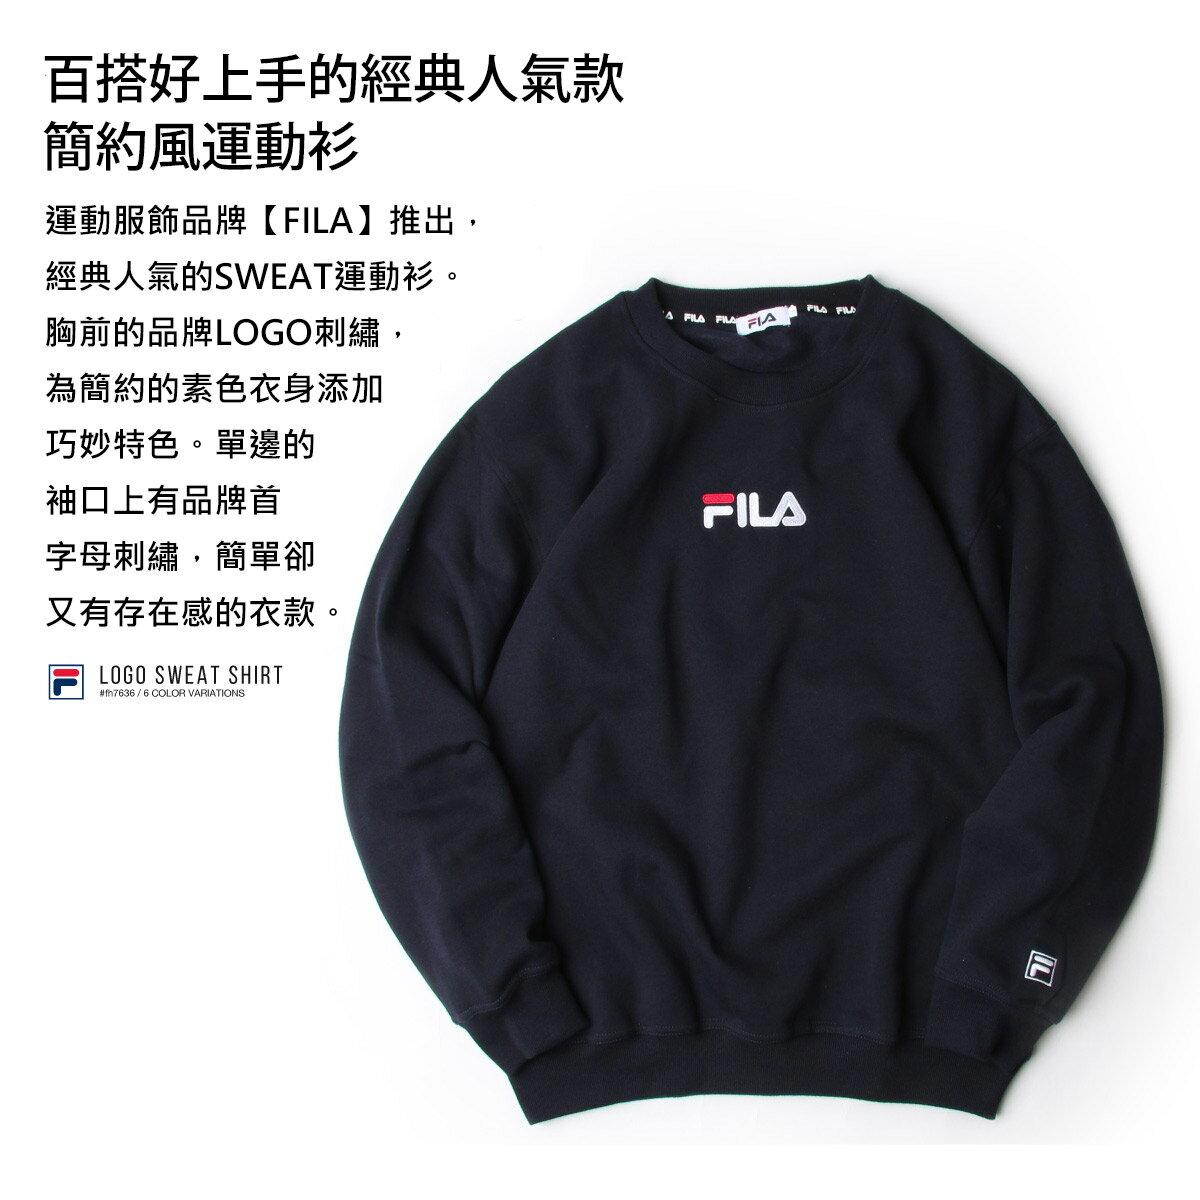 【FILA】中心刺繡運動衫 6